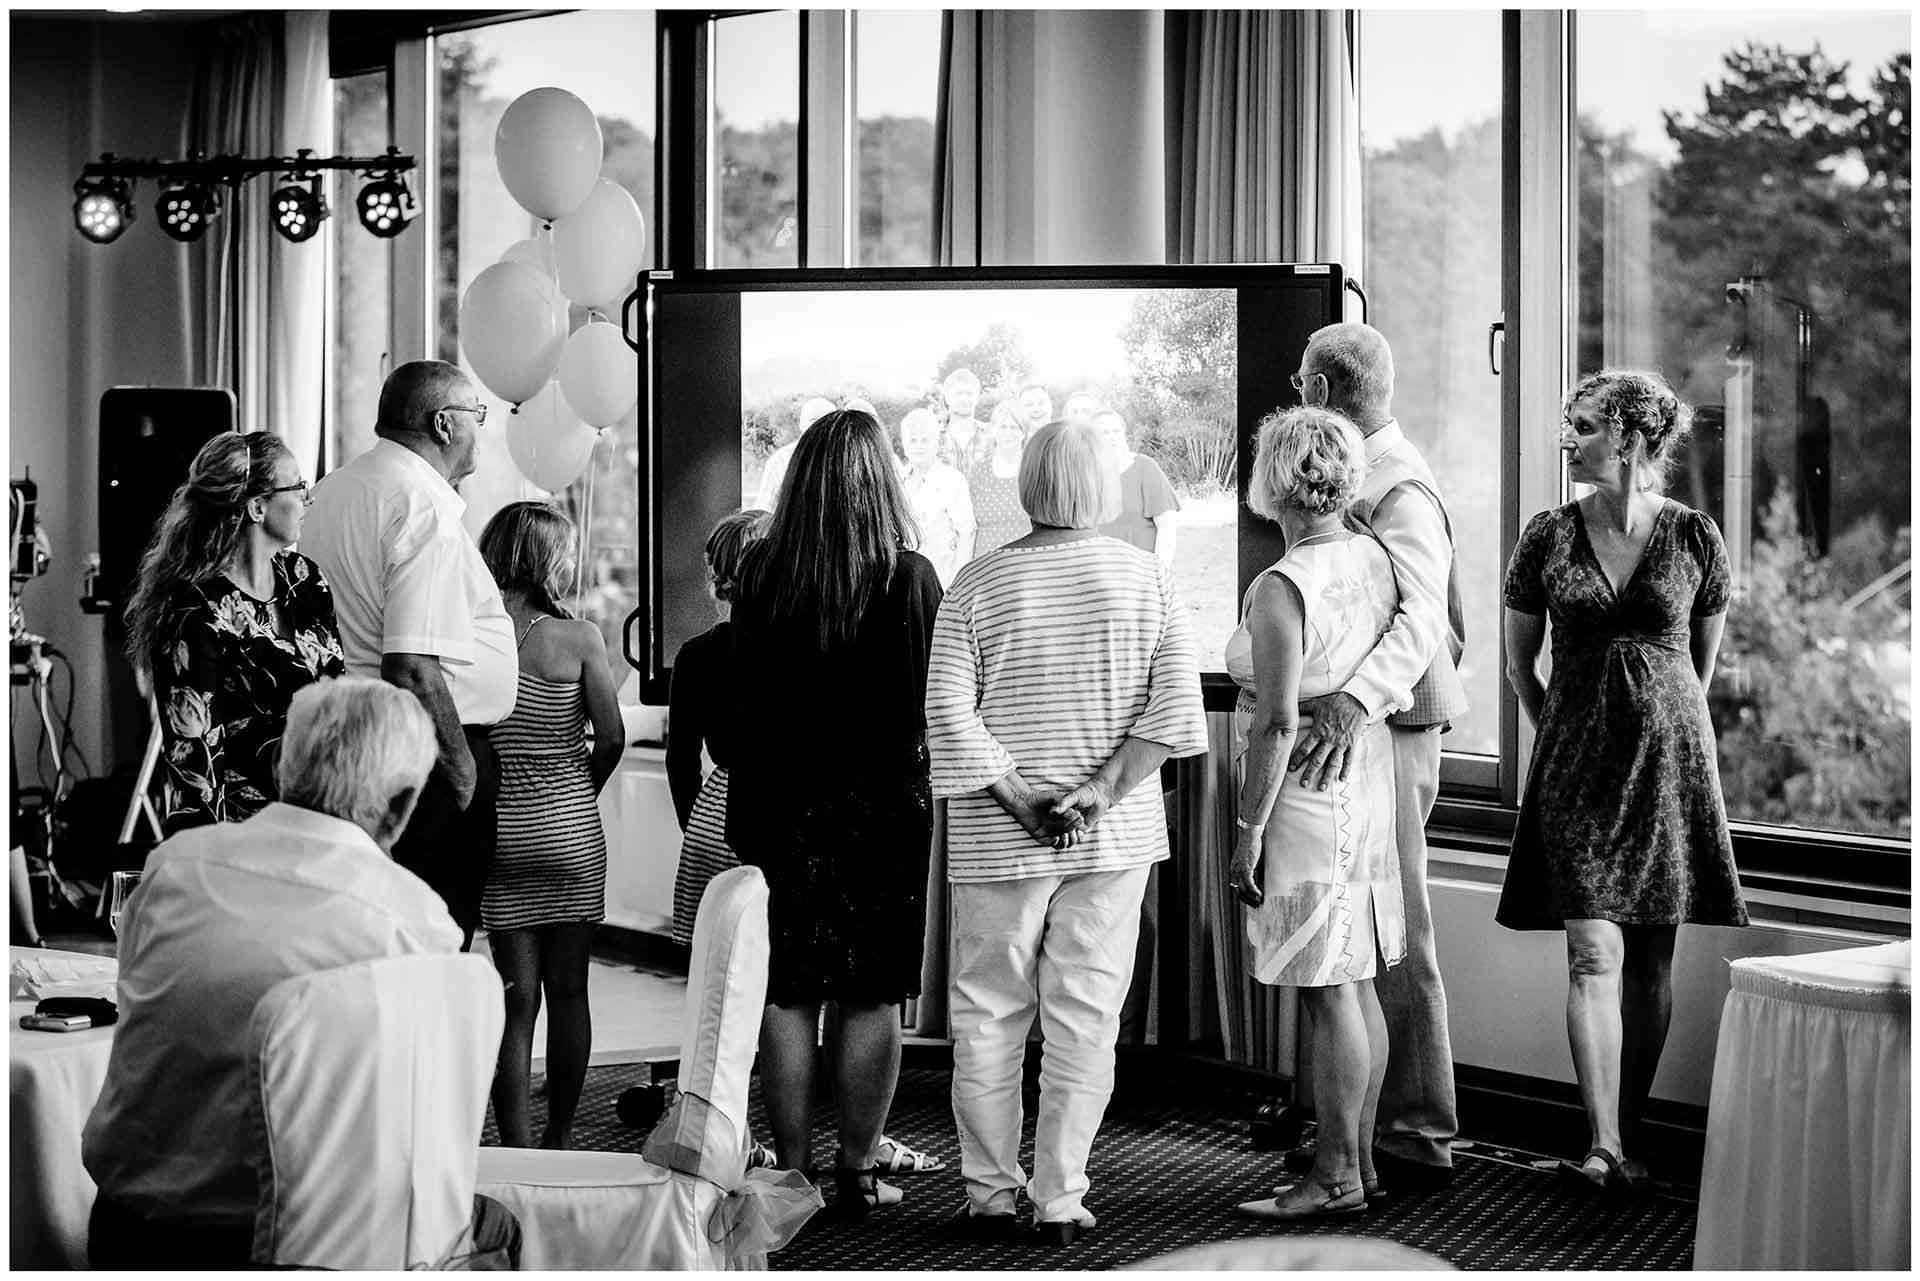 Gaeste-schauen-sich-Diashow-auf-fernseher-an-Hochzeit-im-Hotel-Neptun-Hochzeitsfotograf-Warnemuende-Hochzeitsfotograf-Rostock-Hochzeitsfotograf-Ostseebad-Warnemuende